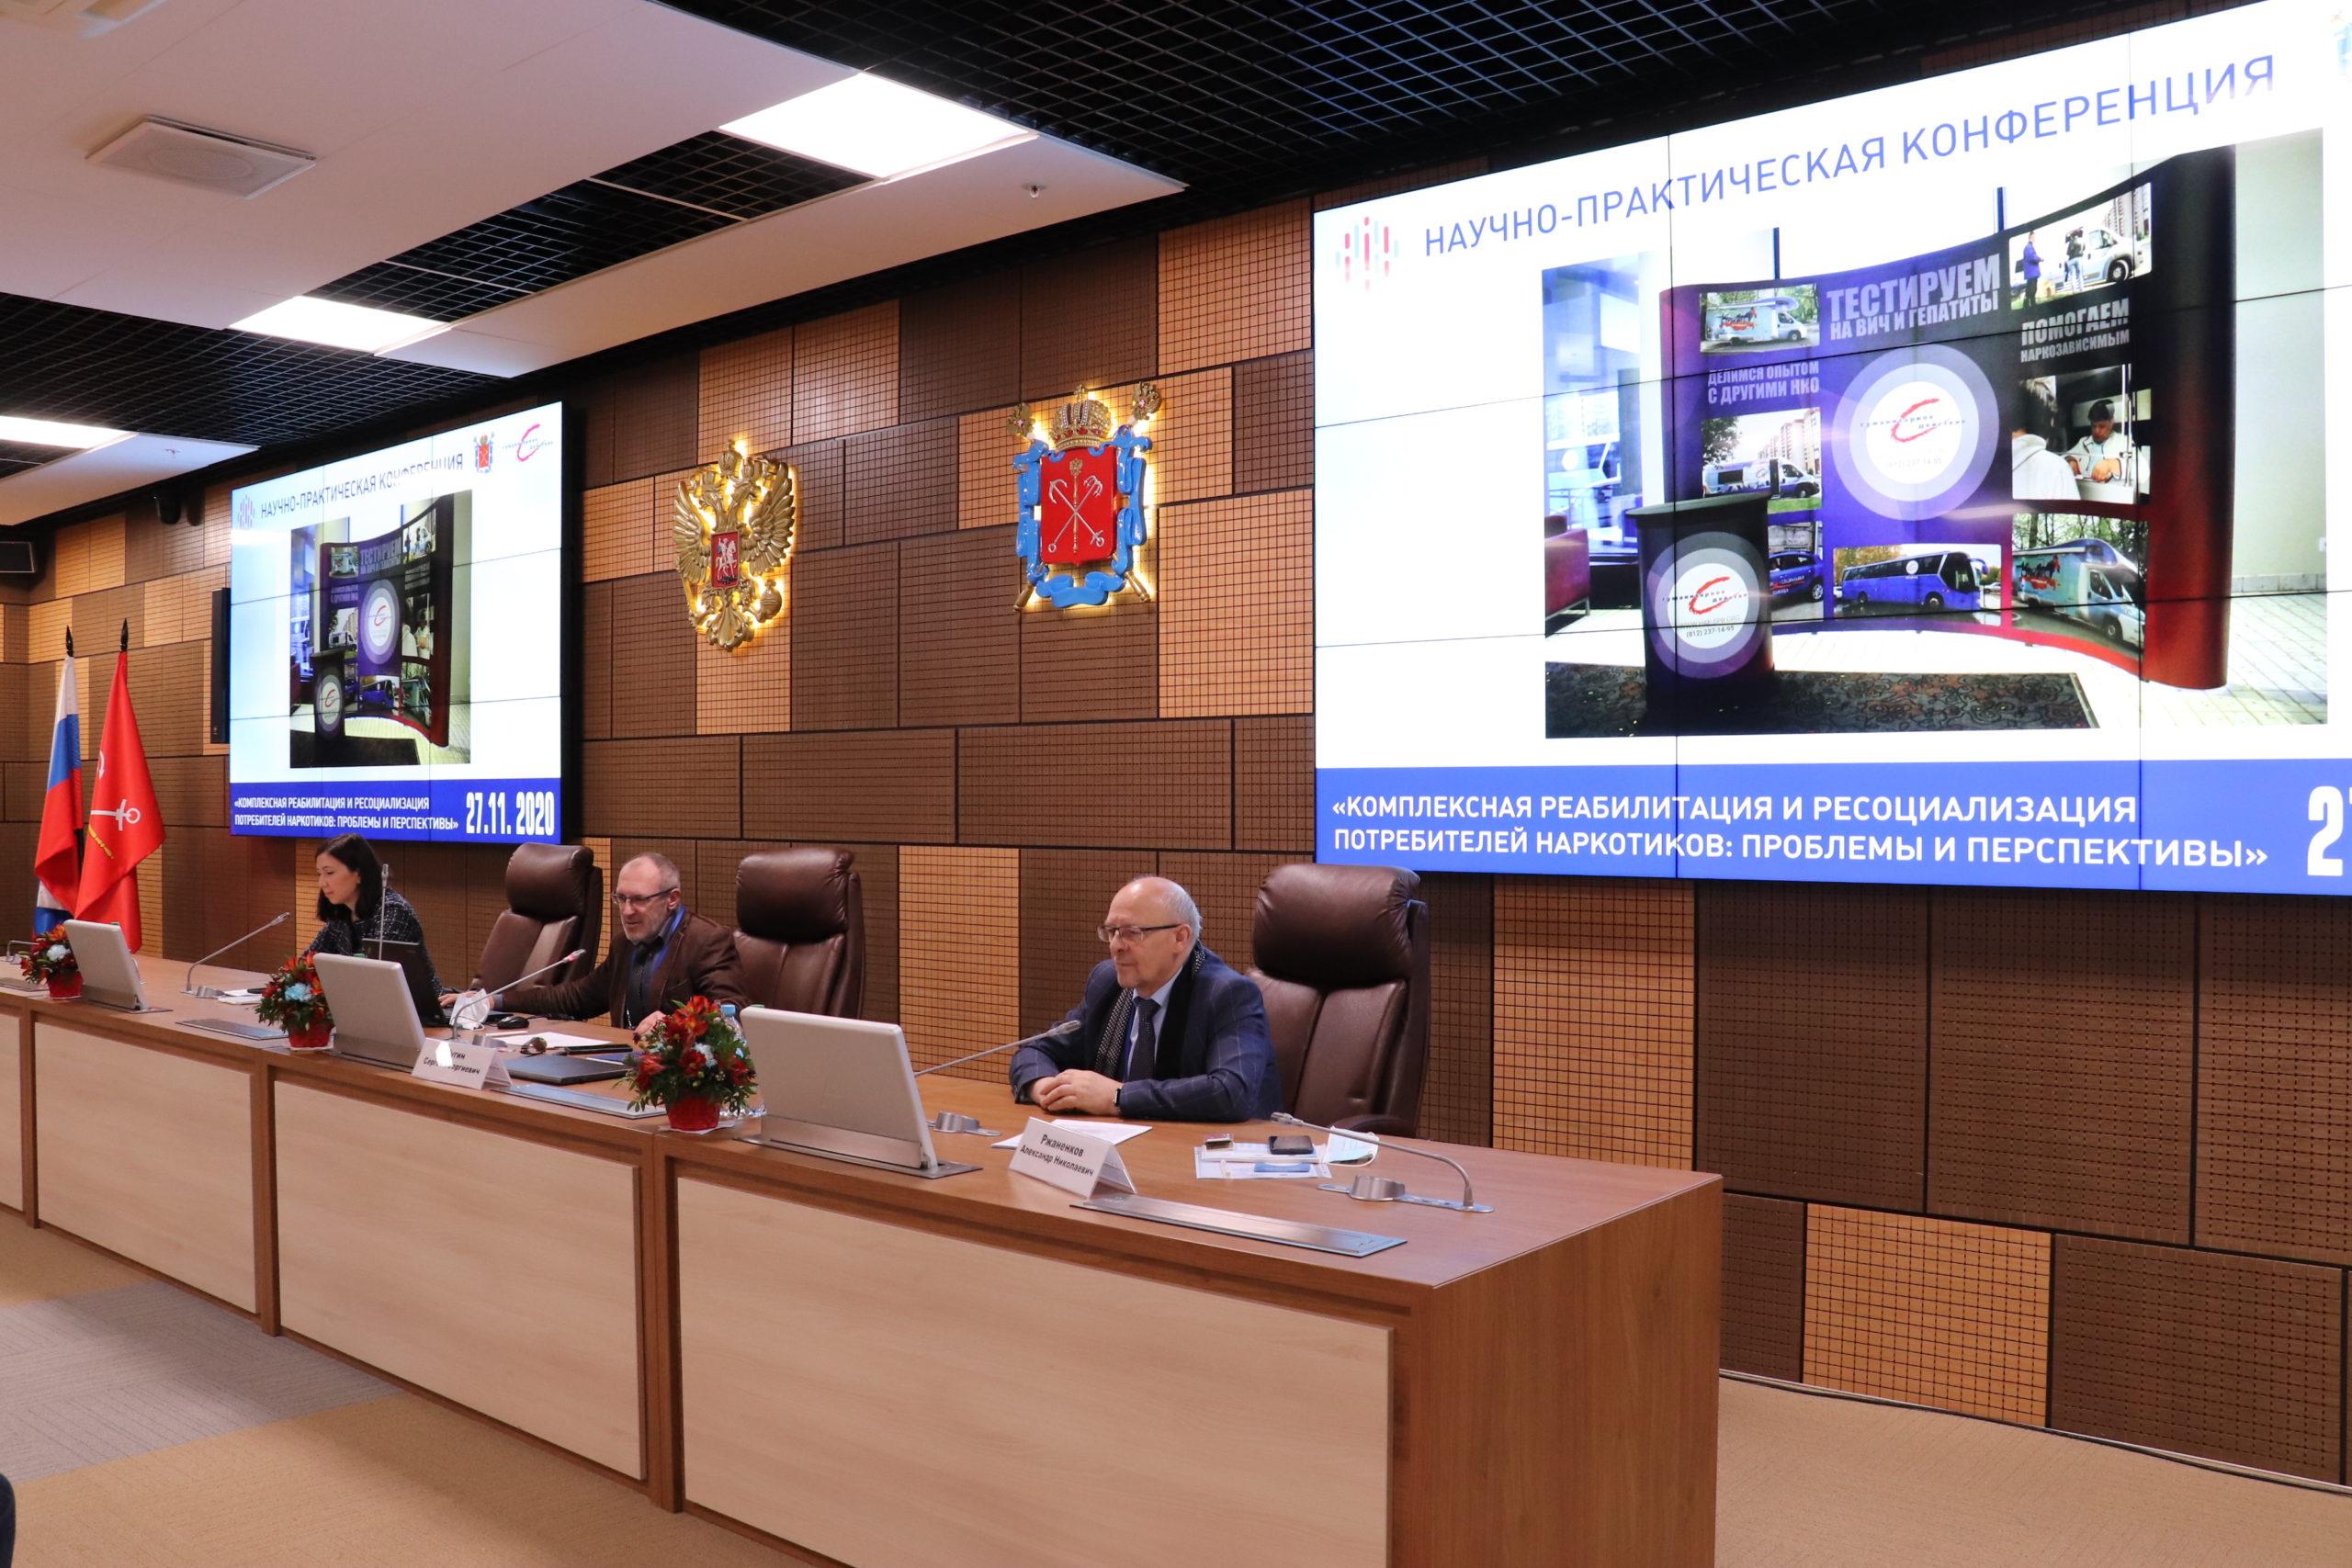 Видеозапись конференции по наркозависимости